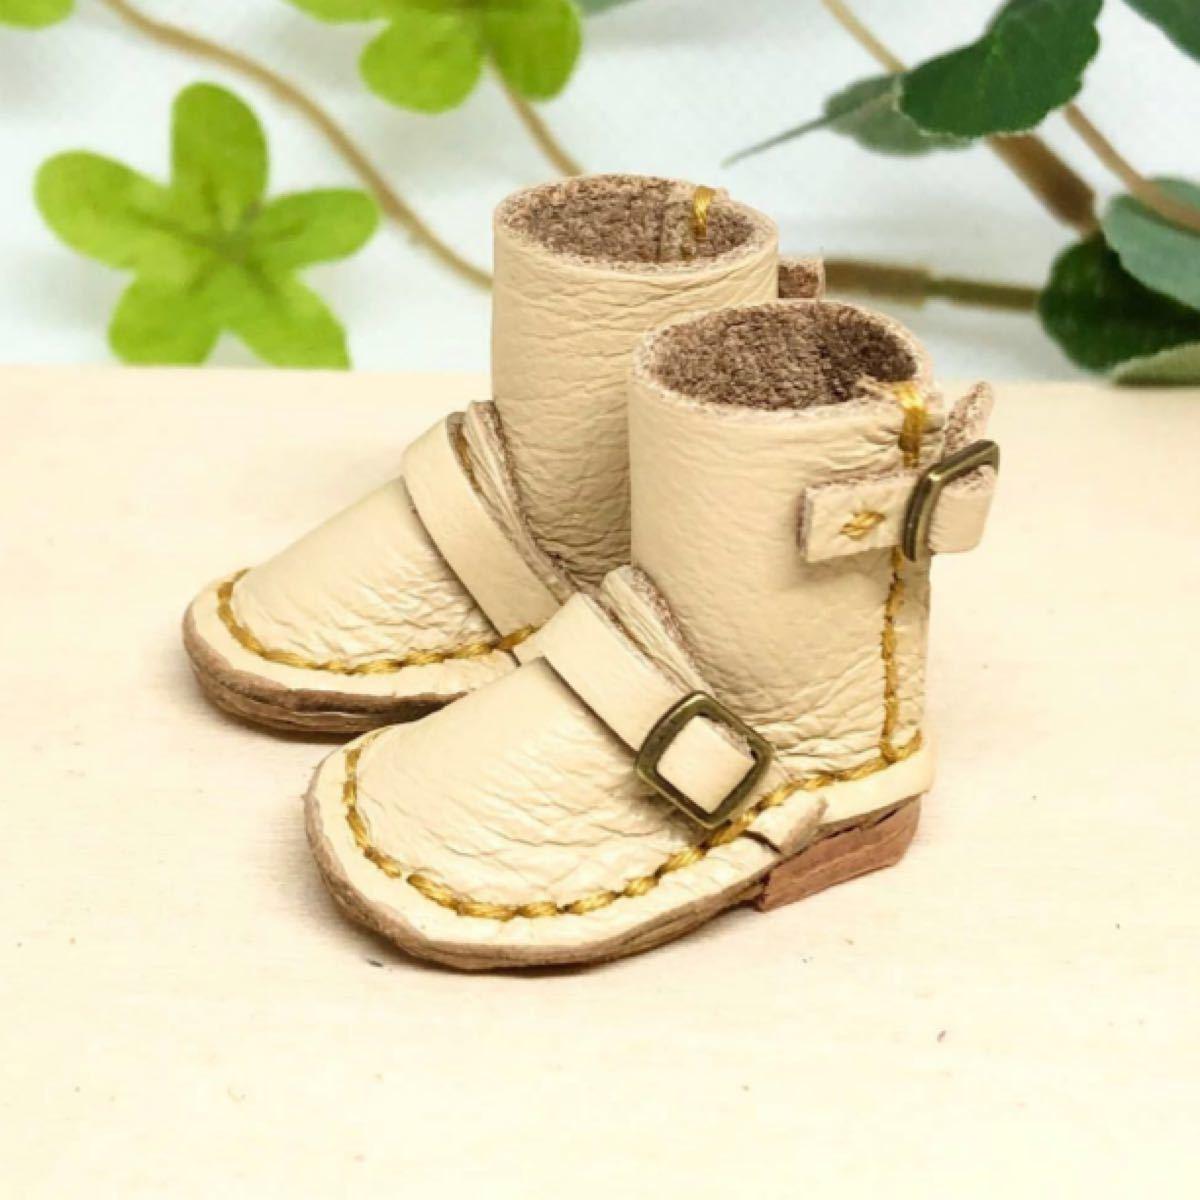 革細工 エンジニアブーツ miniature  boots.